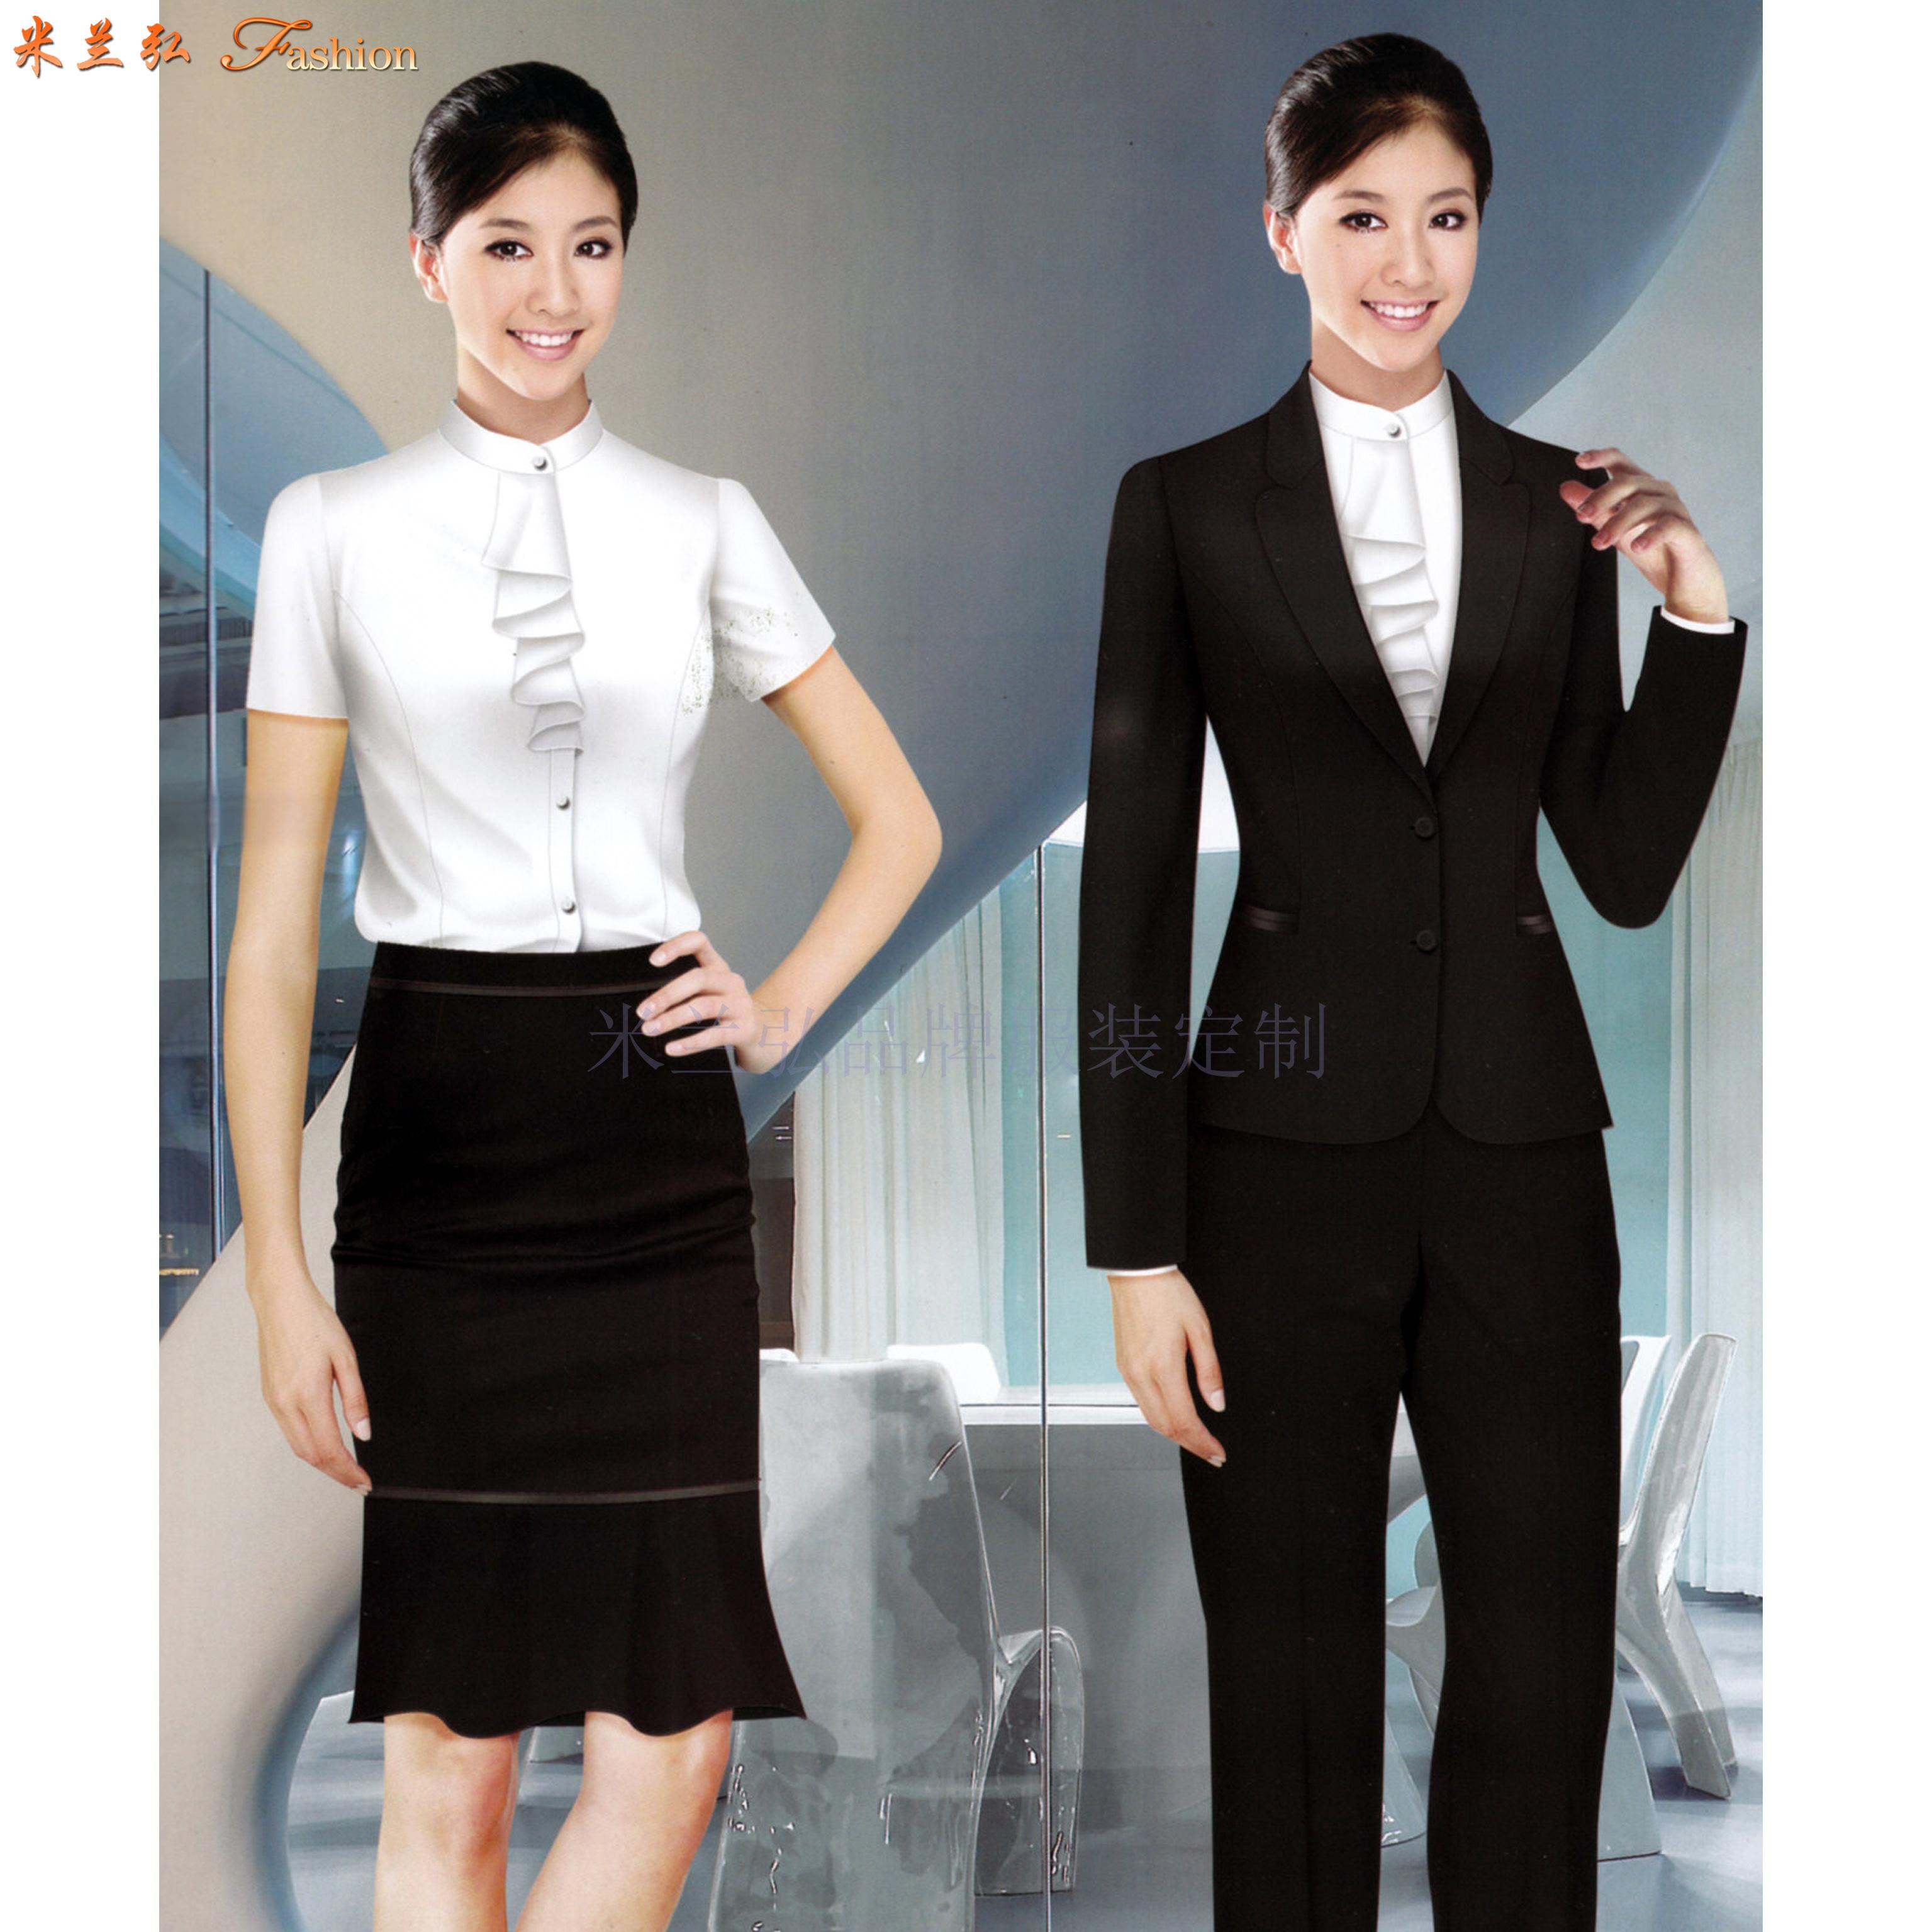 「北京西服定制团购」专业订制企事业单位正装西服-米兰弘服装-4